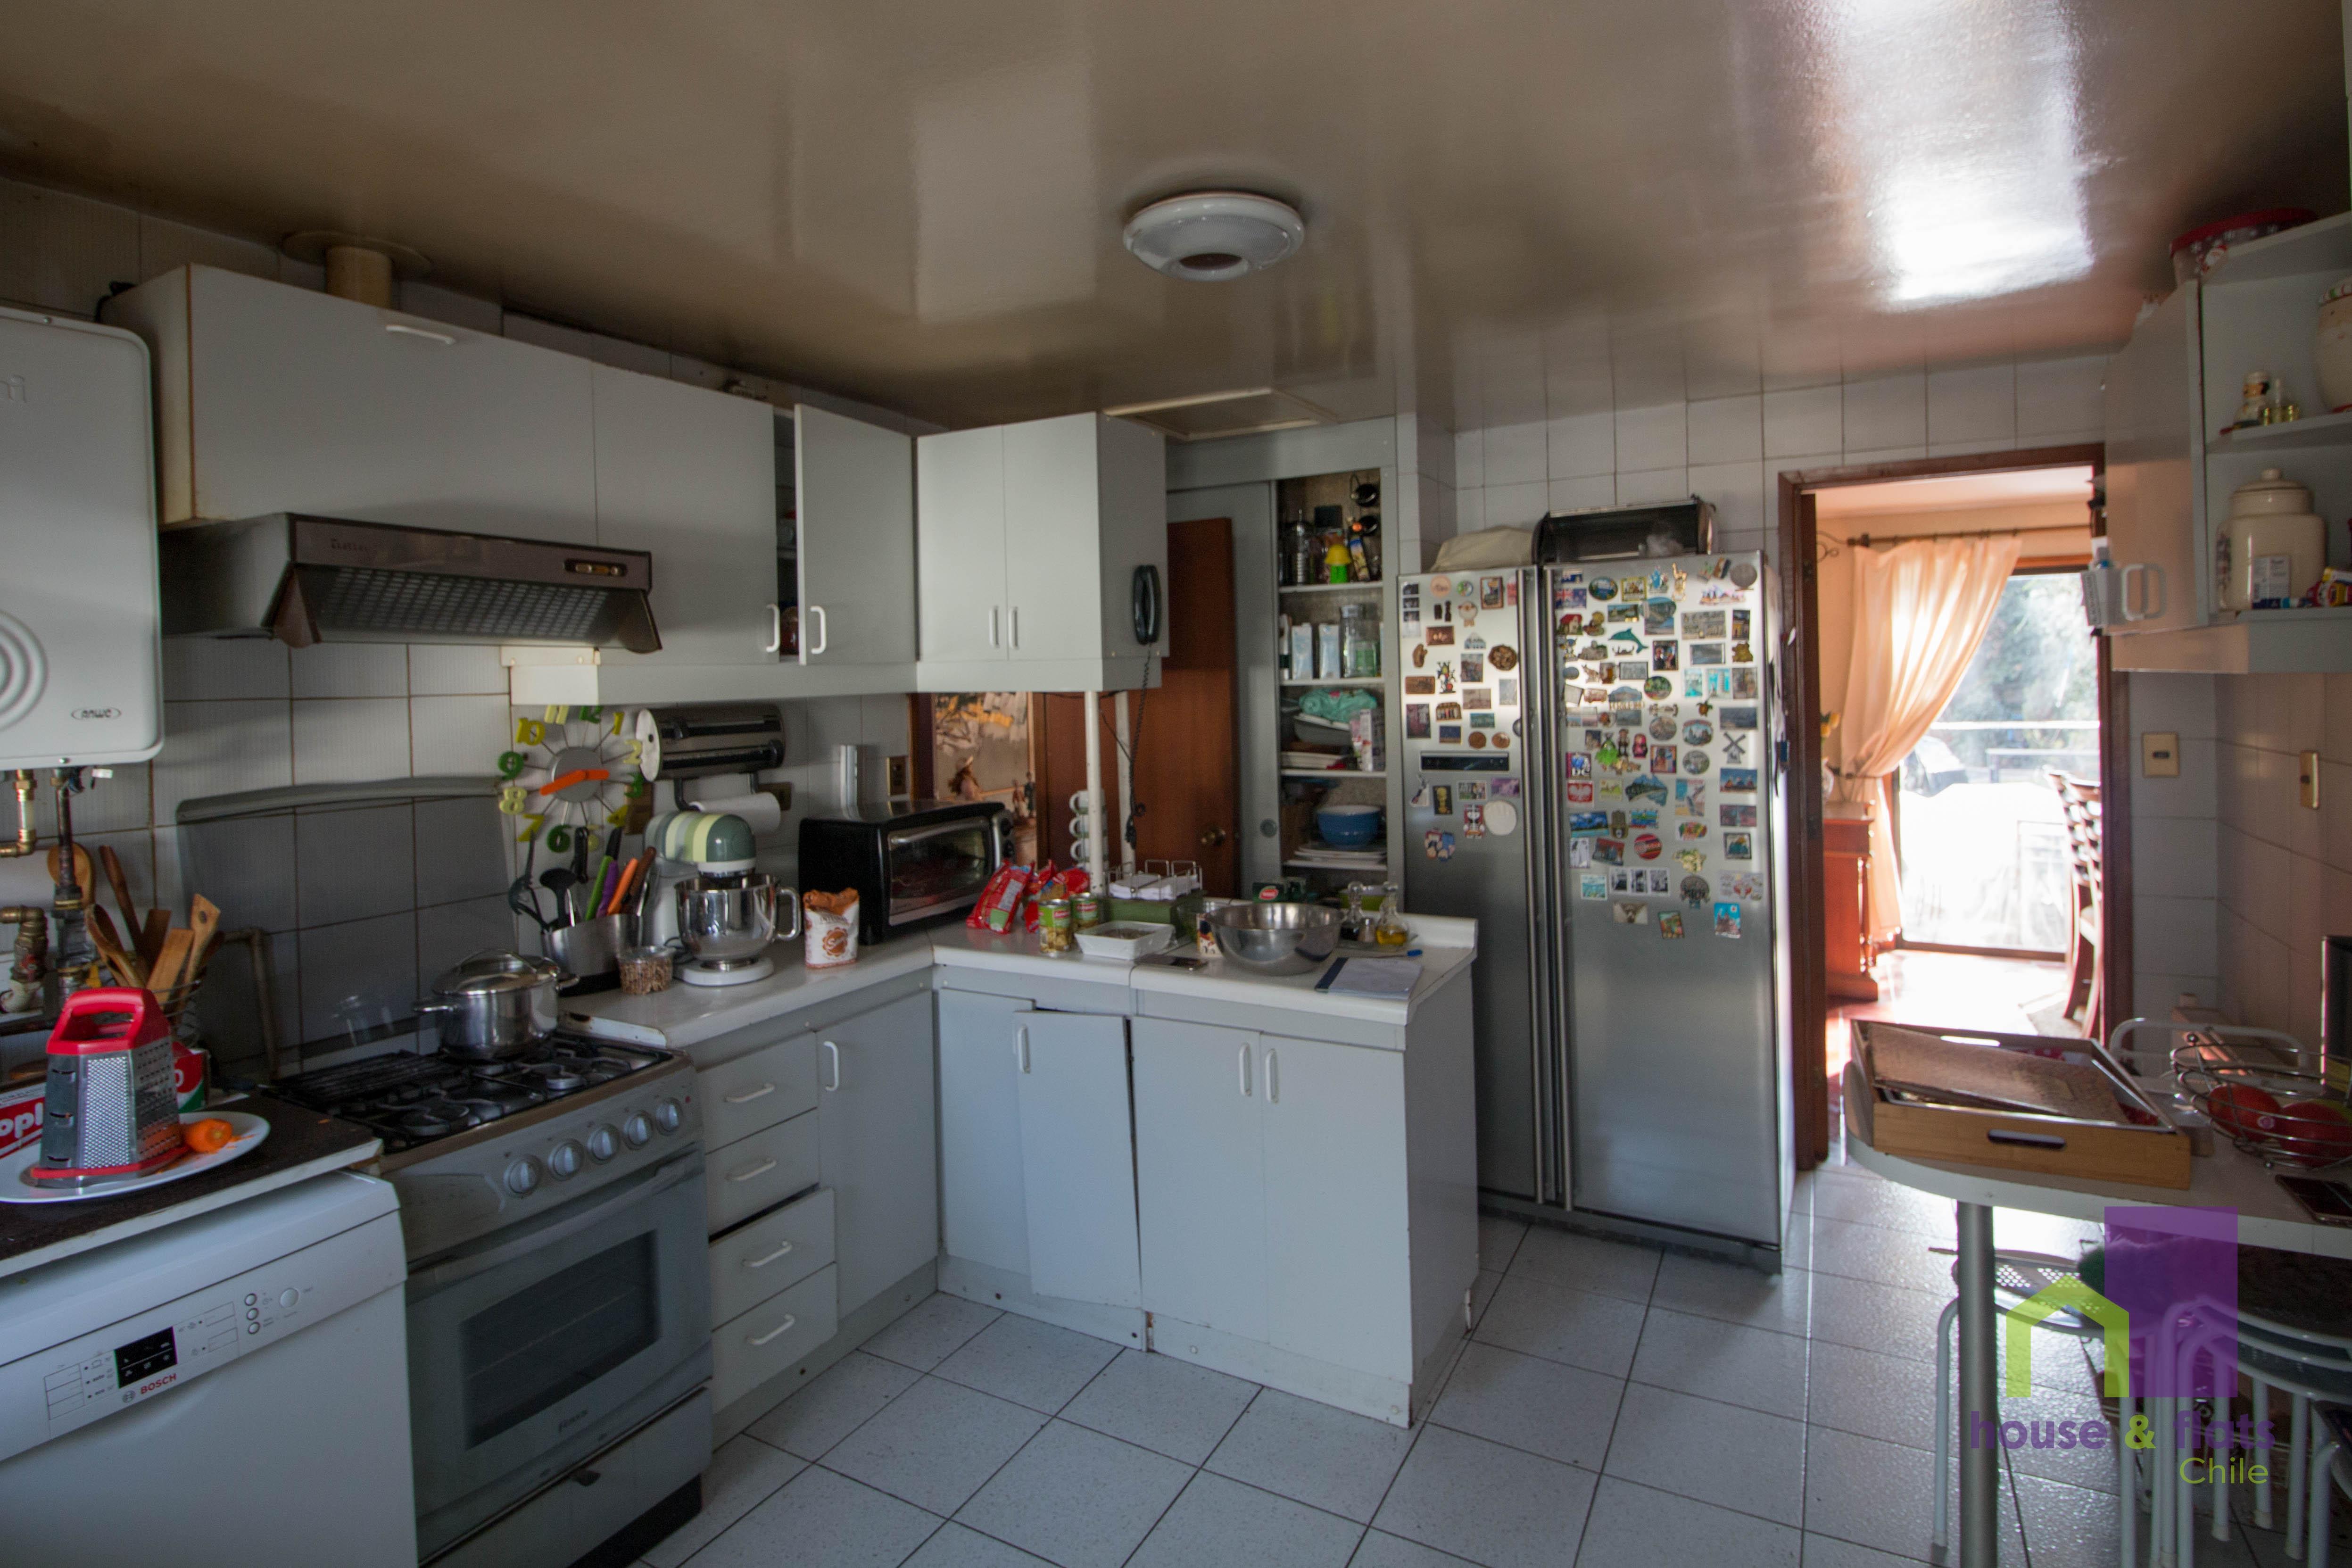 Habitación Privada - Las Condes - Cercano Universidades (UDD, UANDEAS DUOC)